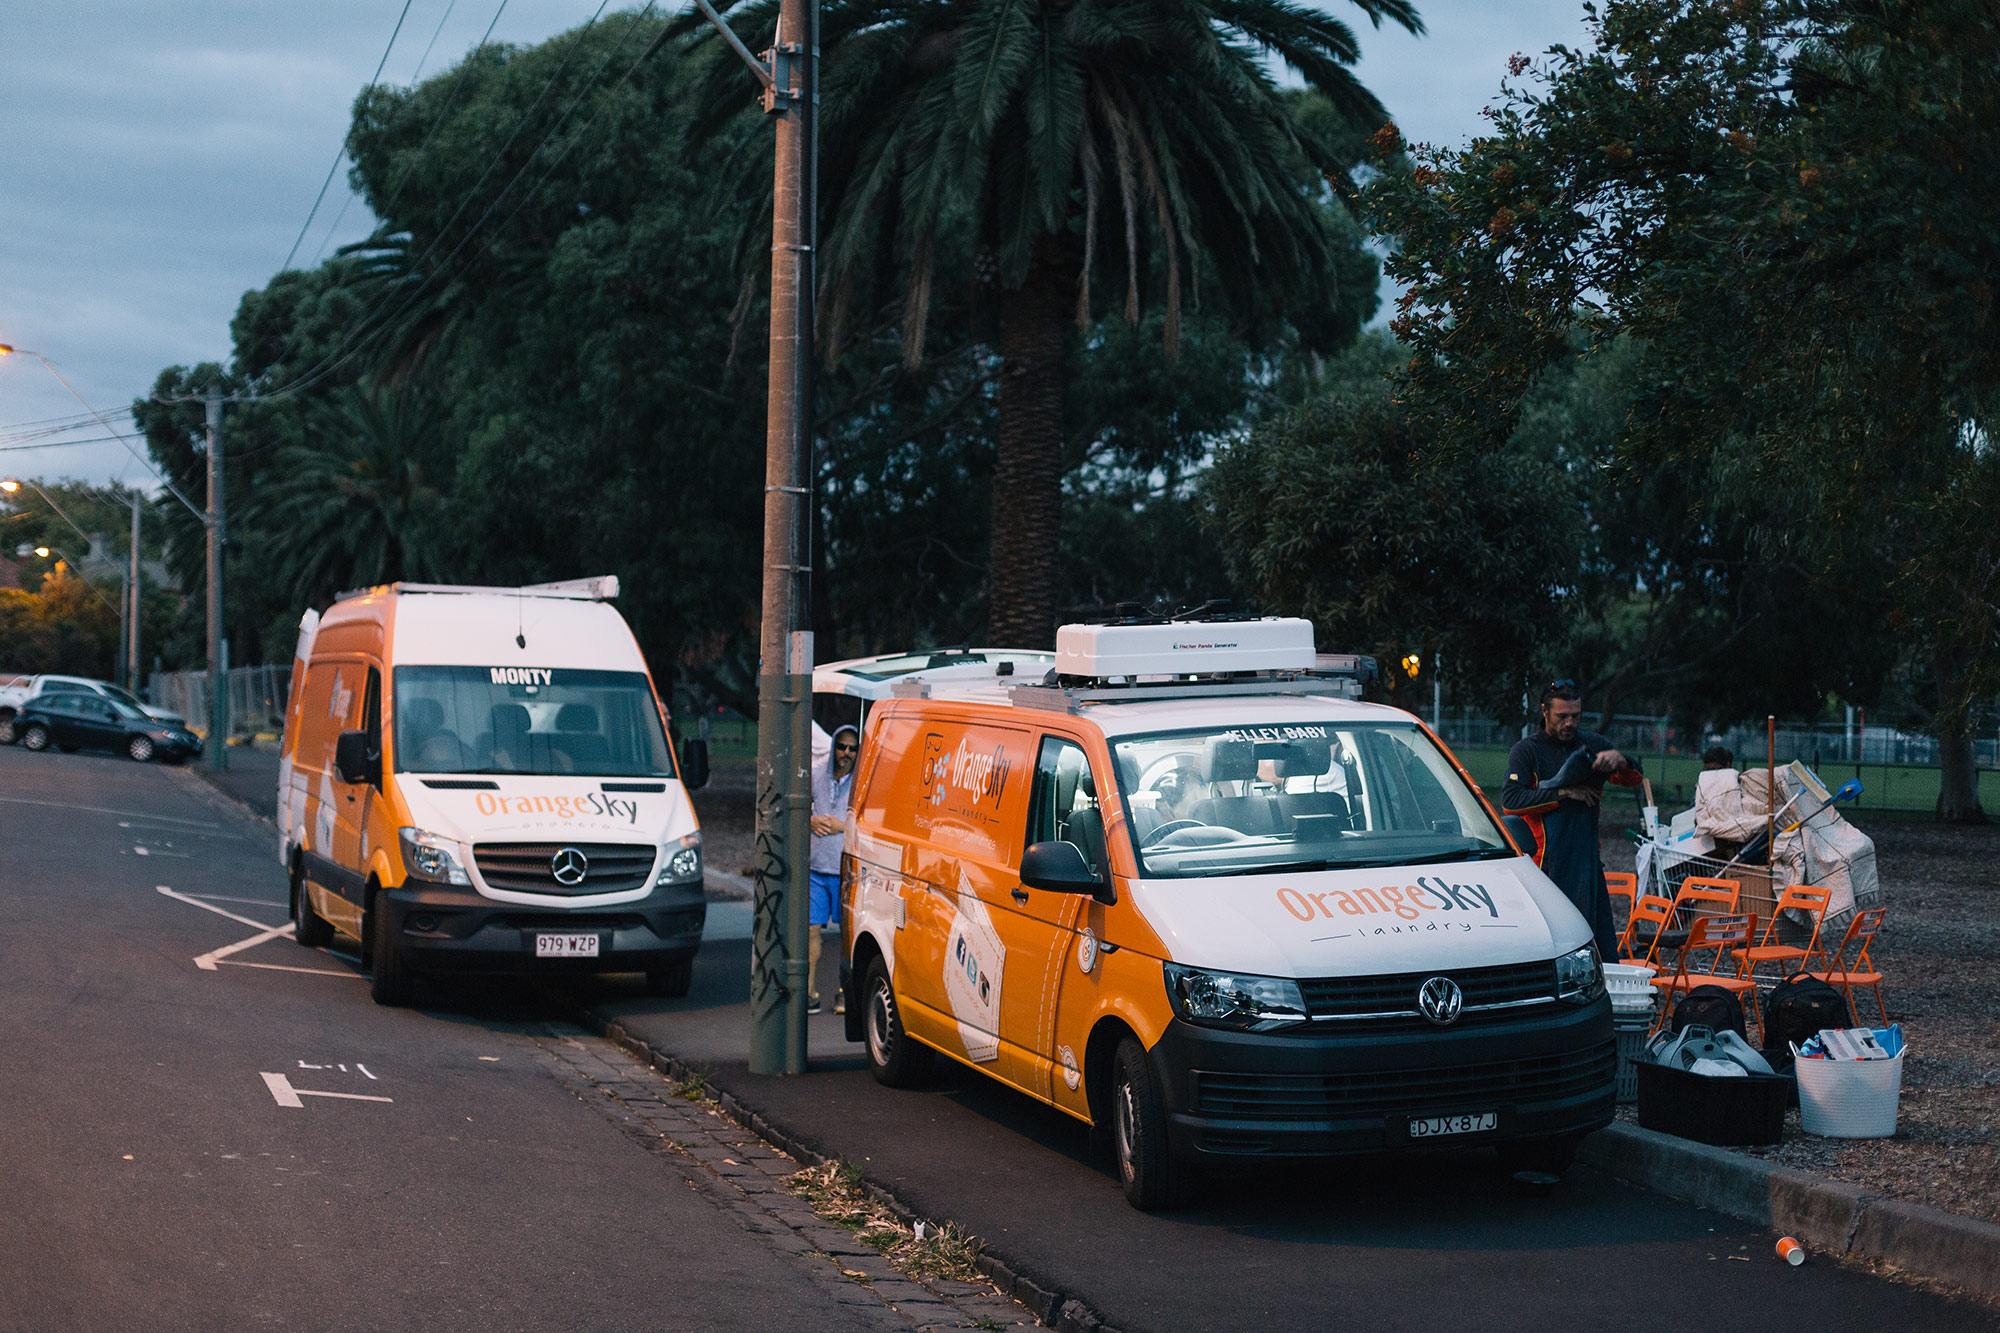 93bf7af2d8 melbourne-header-comp - Orange Sky Australia